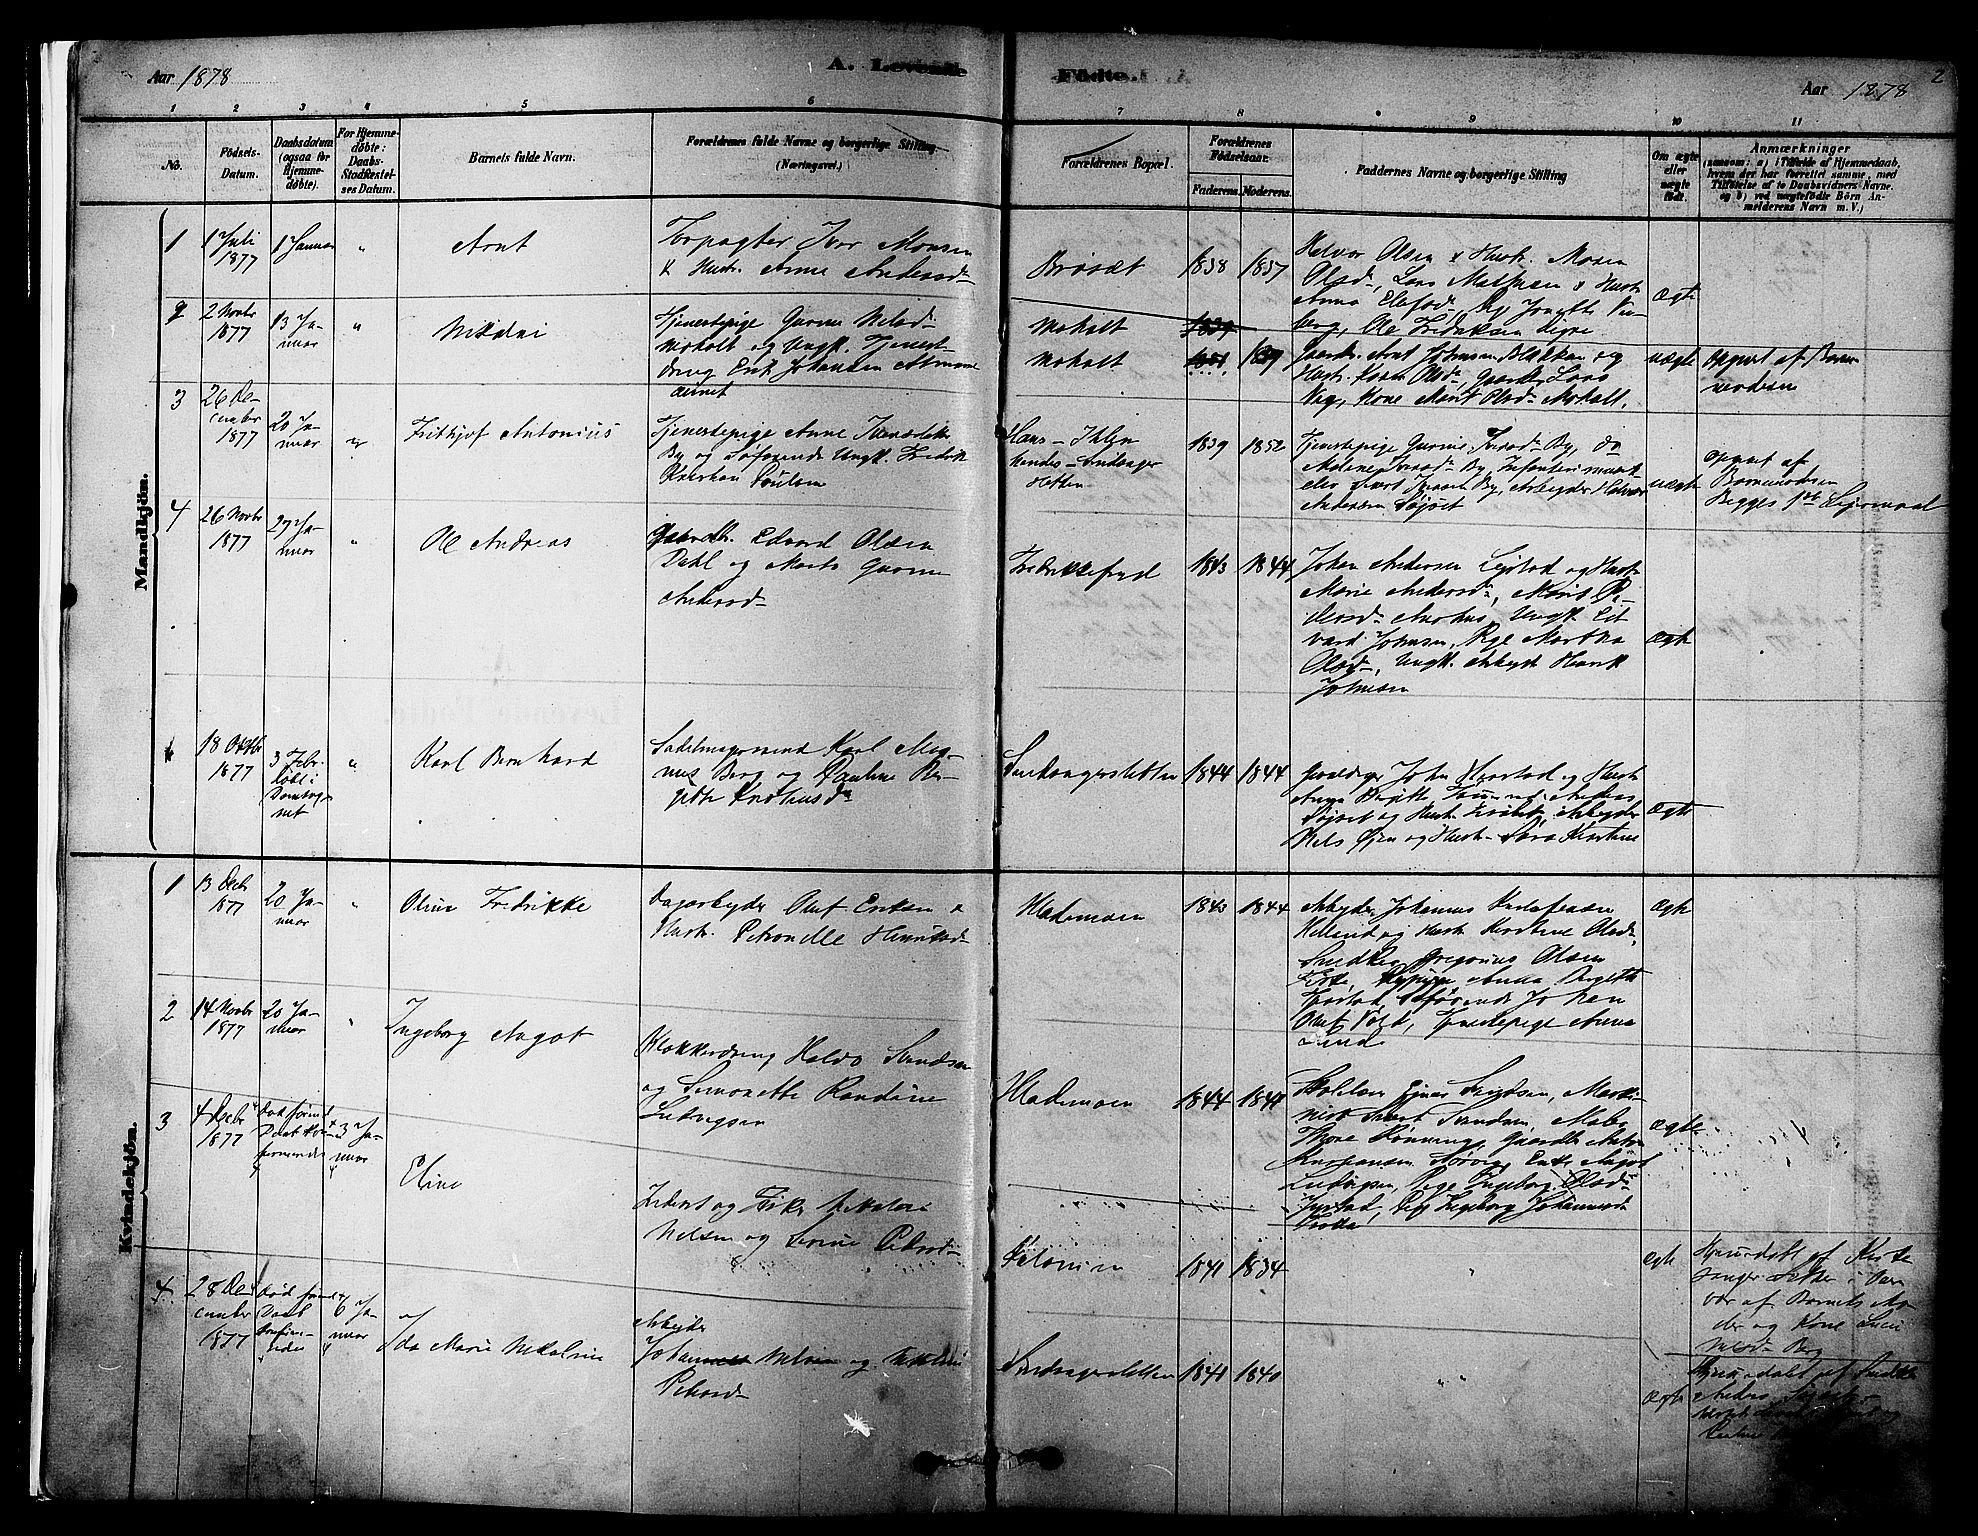 SAT, Ministerialprotokoller, klokkerbøker og fødselsregistre - Sør-Trøndelag, 606/L0294: Ministerialbok nr. 606A09, 1878-1886, s. 2